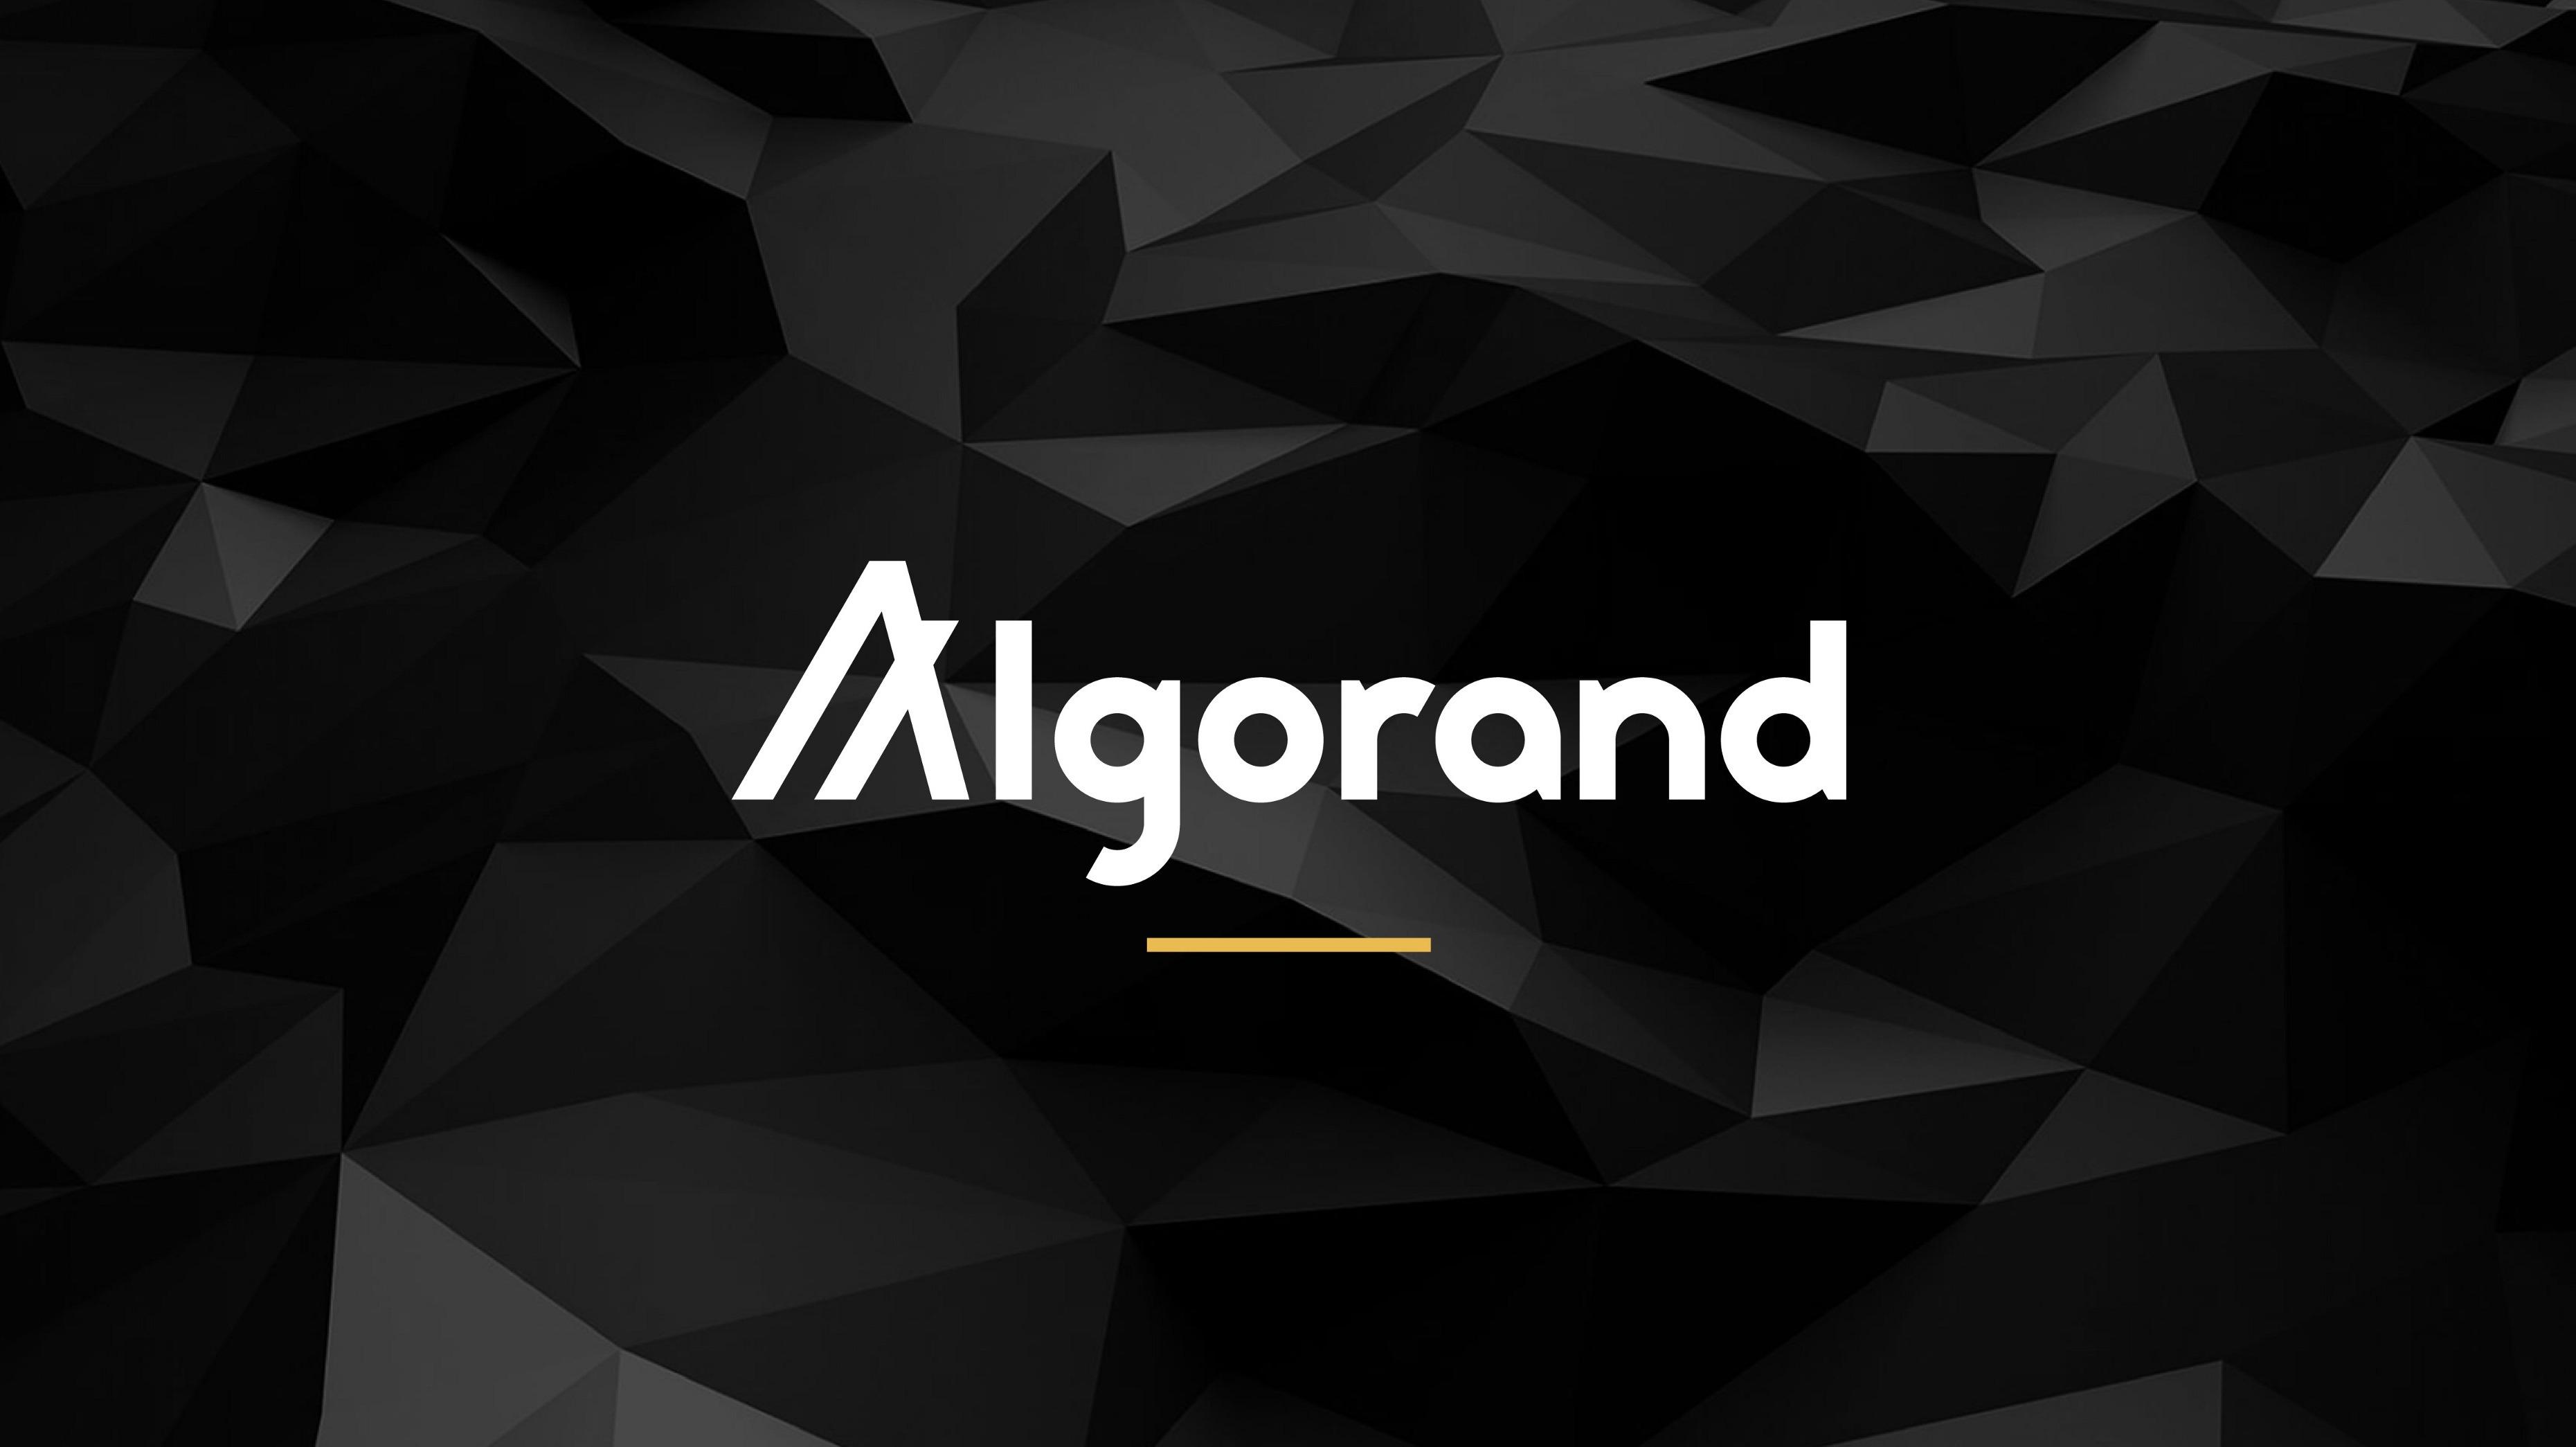 https://medium.com/algorand/powered-by-consensus-4e32aea5bc86